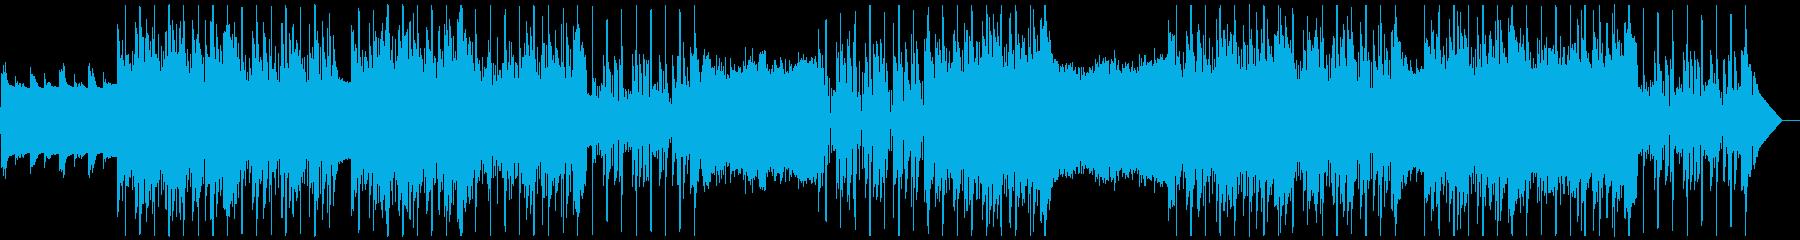 寂しげな荒涼感のCHILL系HIPHOPの再生済みの波形